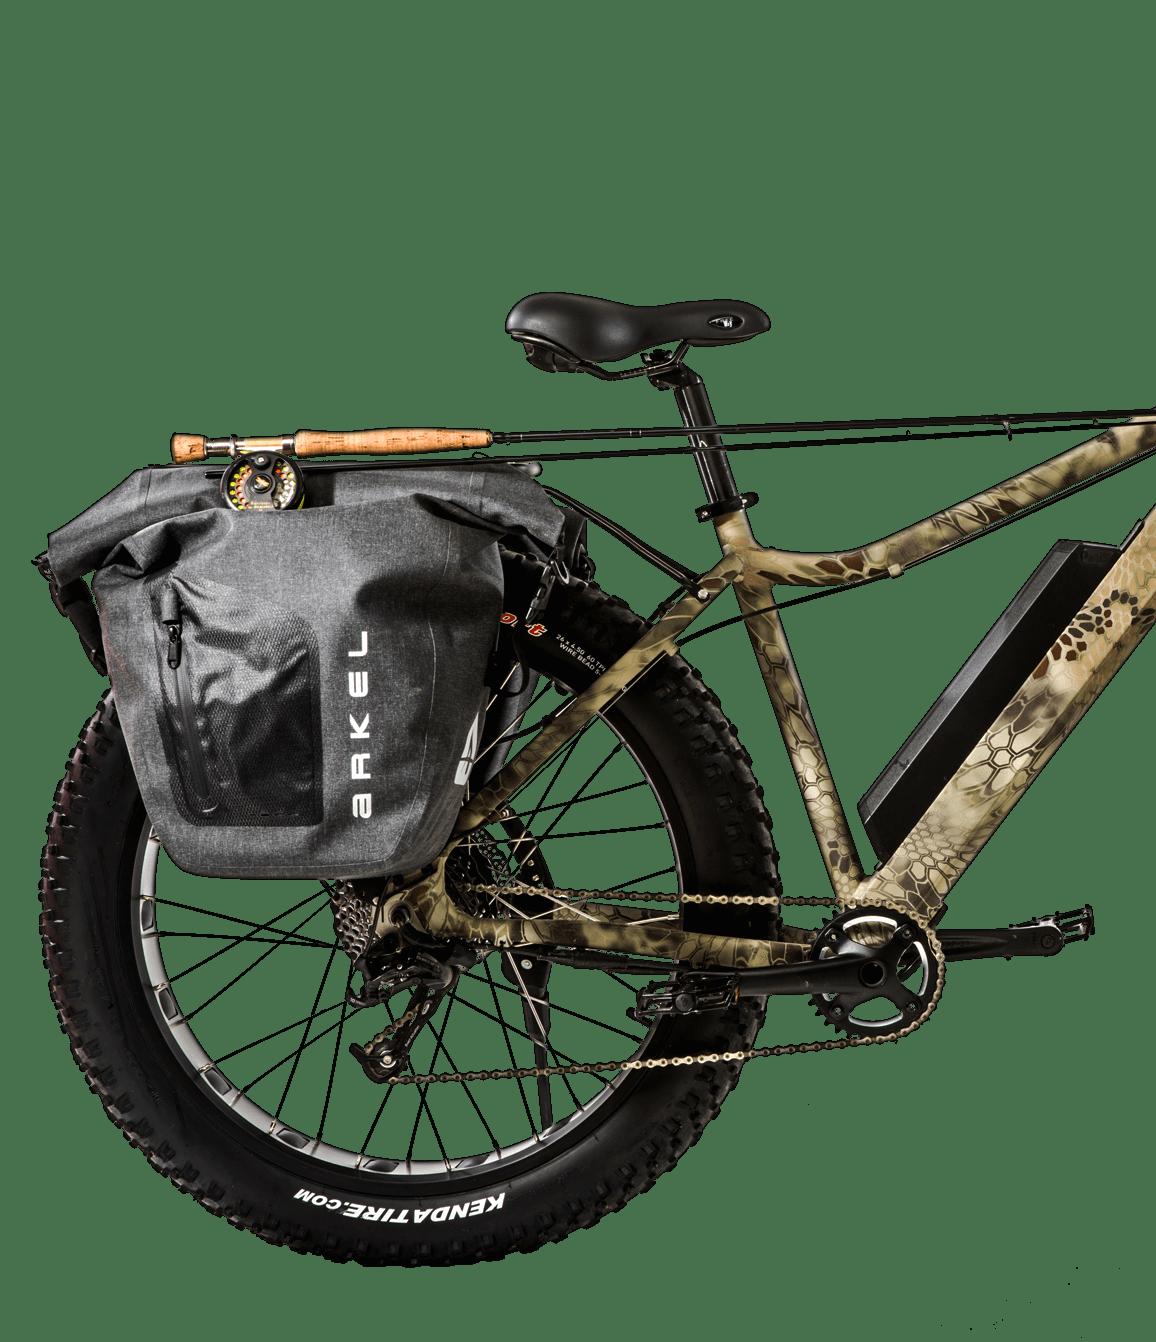 stealth-bike-1500x.png